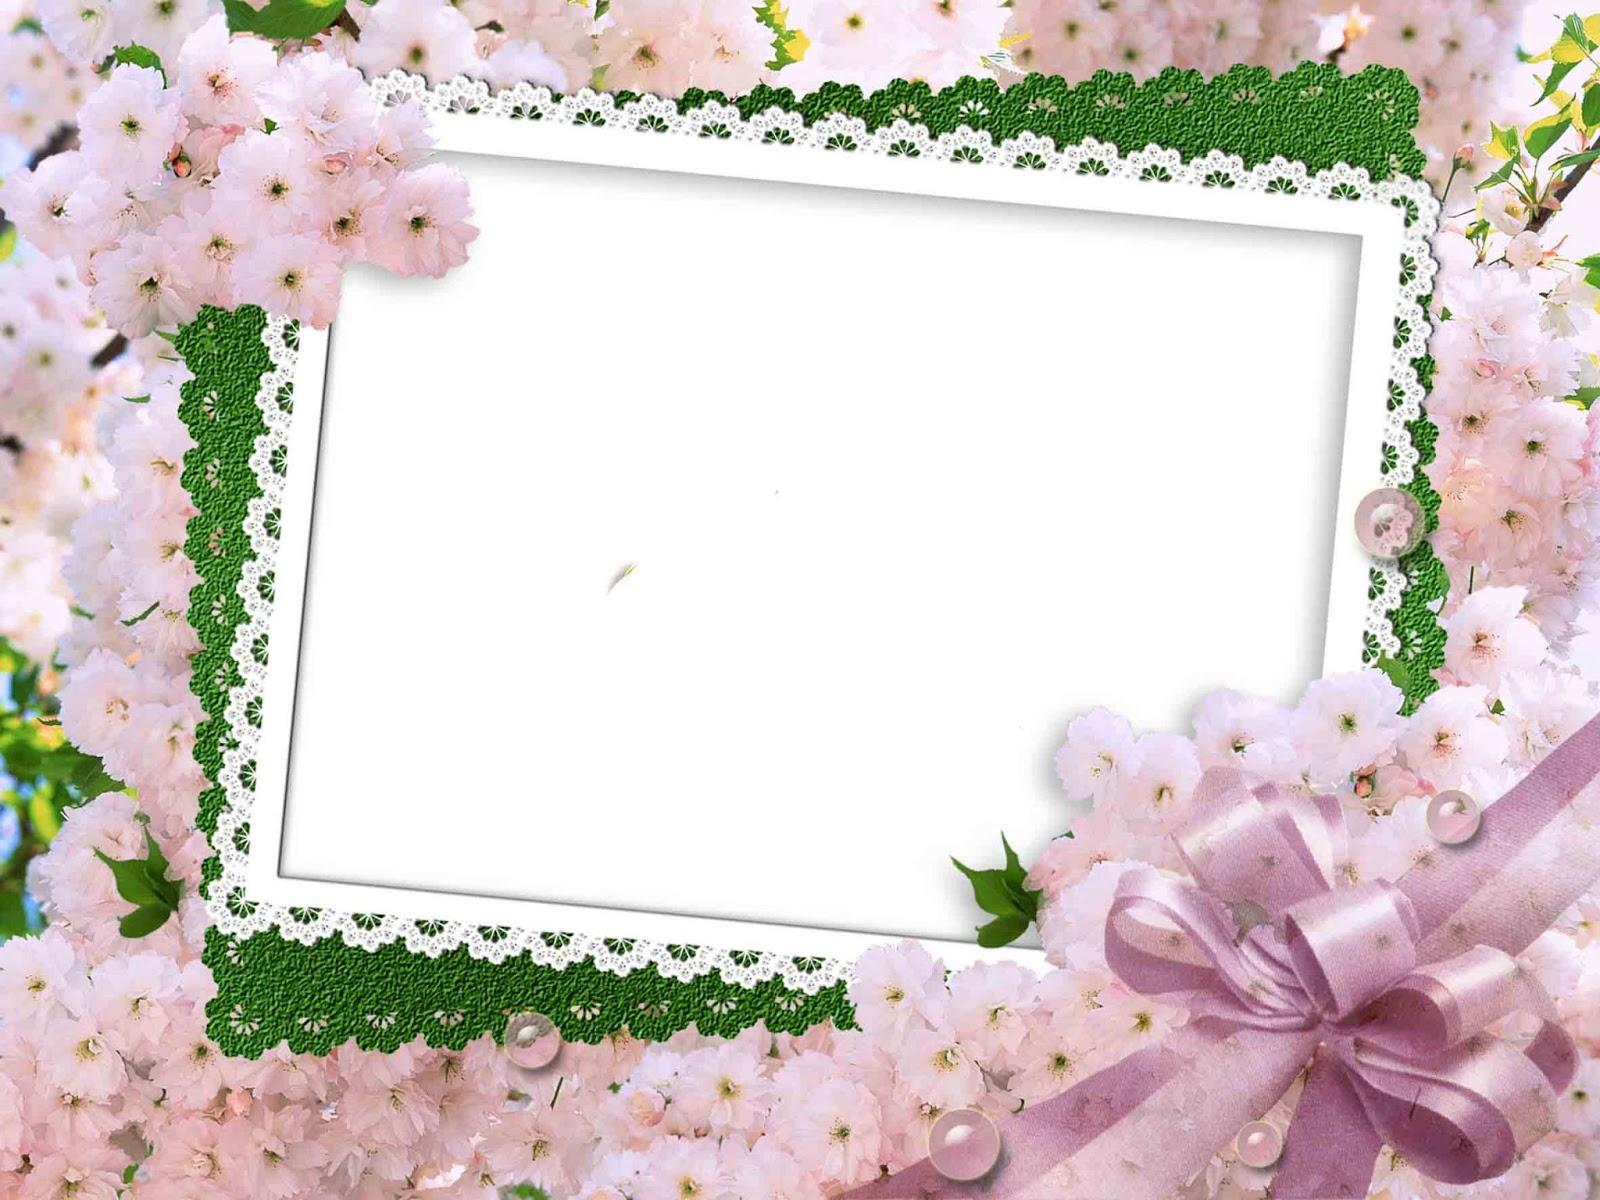 wedding frame png image 35201